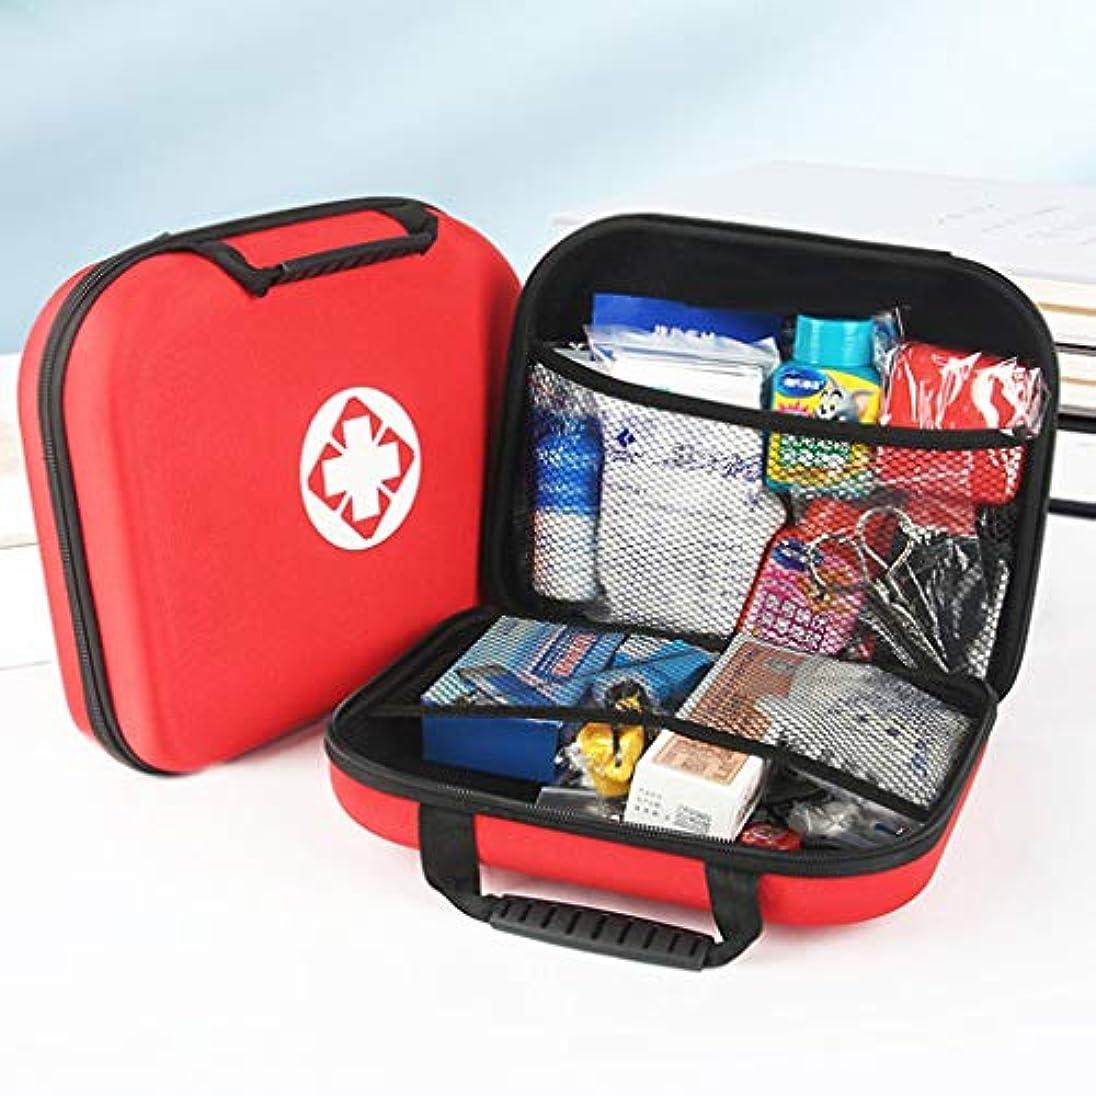 入力レンダリング絡み合いTXOZ 救急箱の屋外旅行の携帯用車の医療用キットの小さい箱の火の地震緊急のキット